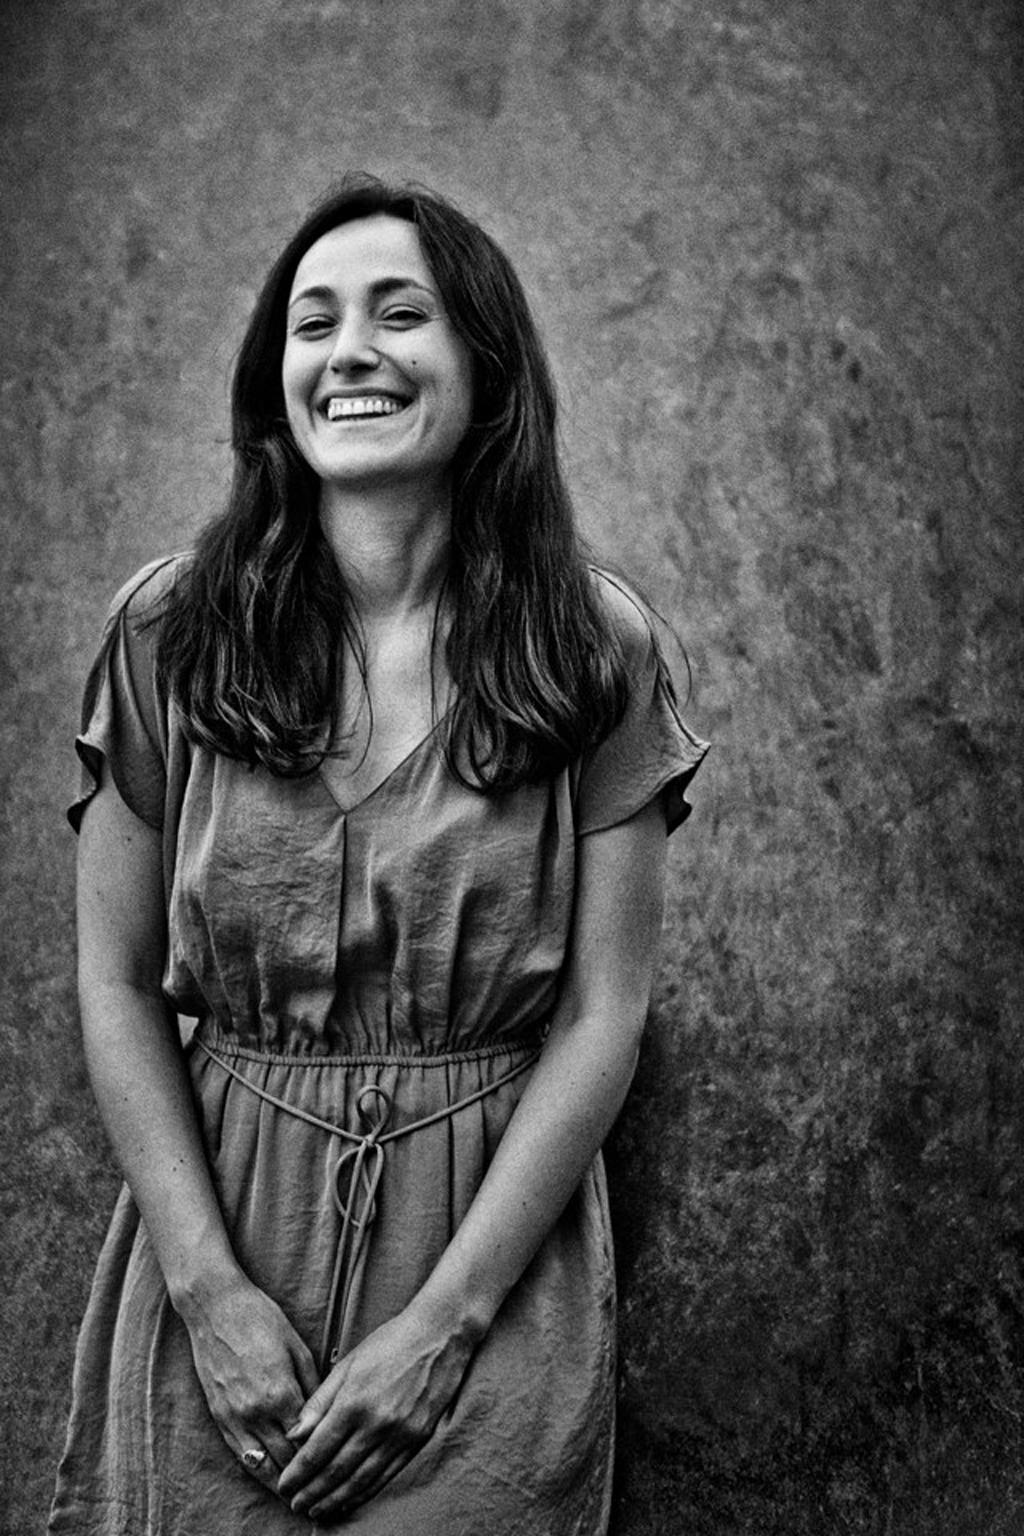 arijana-daniel-sonnentag-2013-09